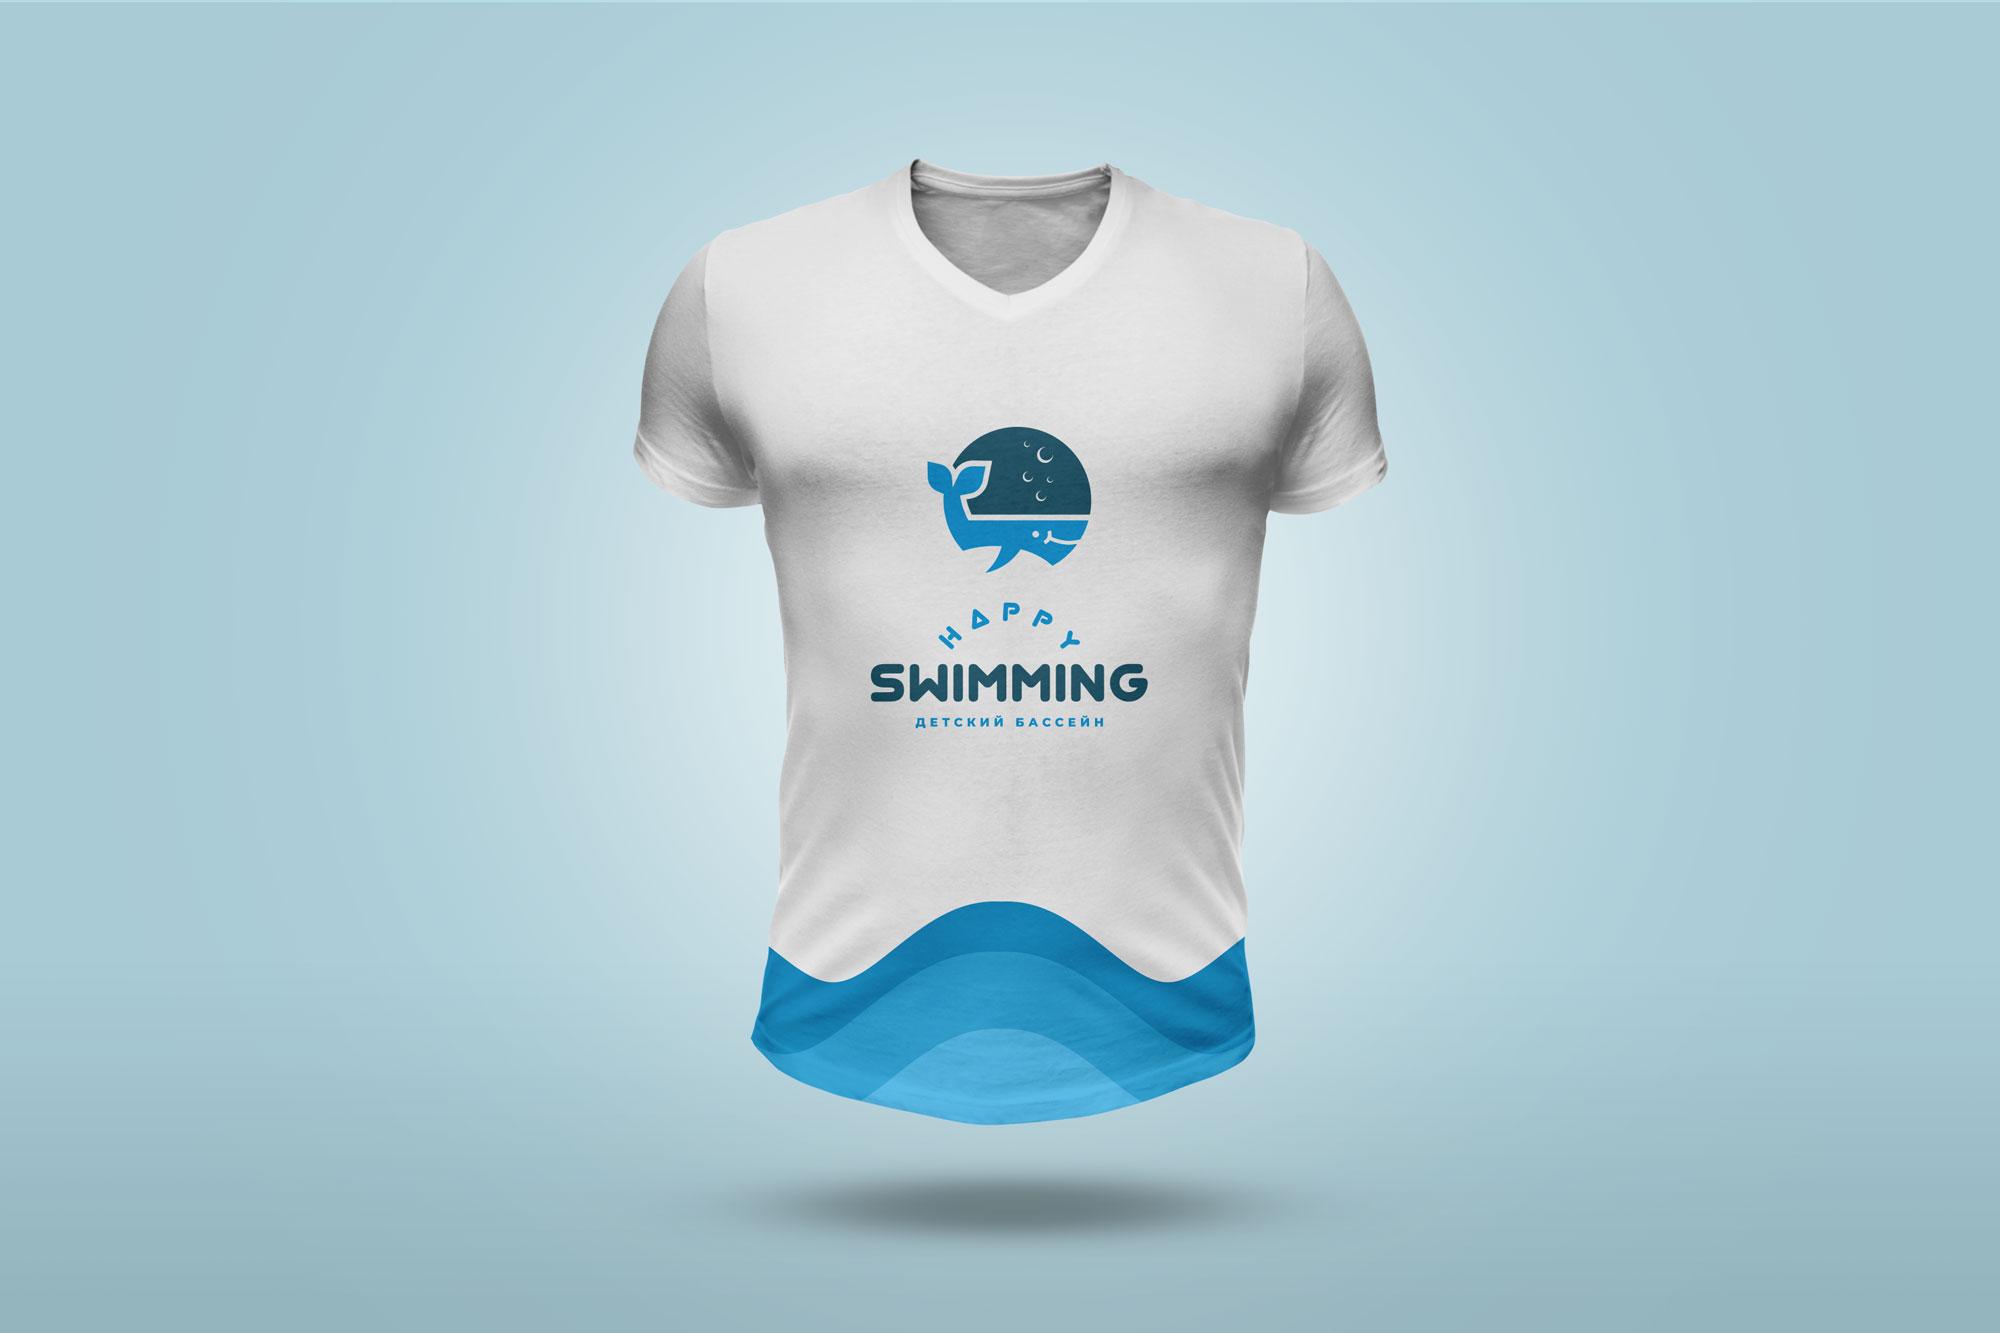 Логотип для  детского бассейна. фото f_3455c77752ecf860.jpg